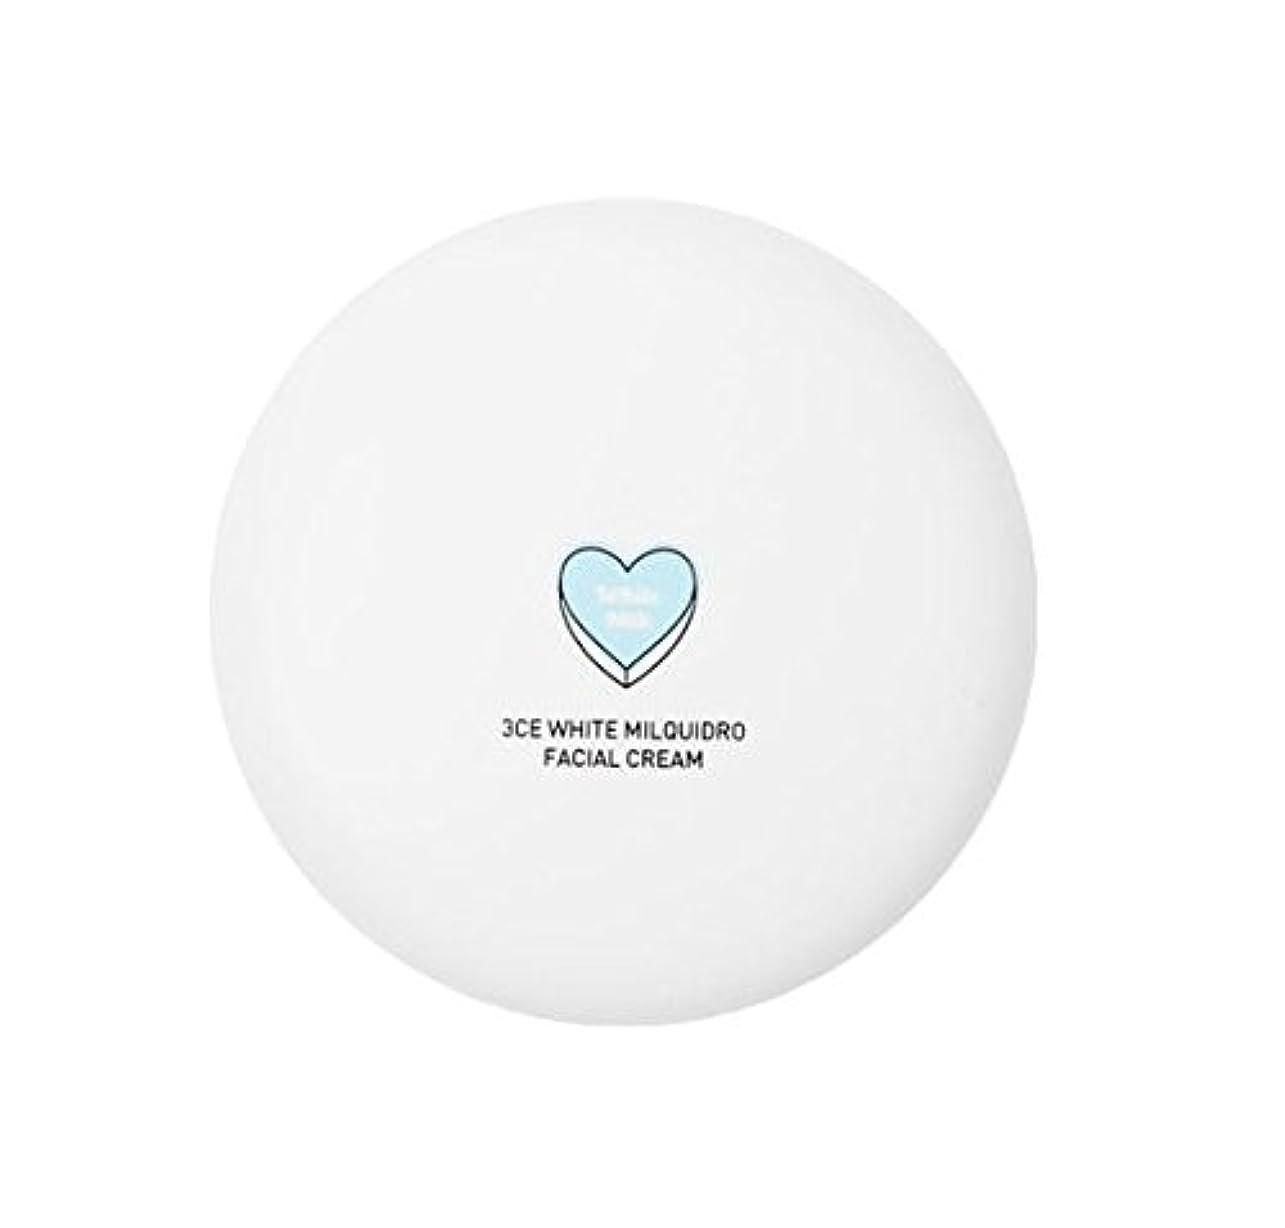 フォーラム掃くマインドフル3CE WHITE MILQUIDRO FACIAL CREAM 50ml / 3CE ホワイトミルクウィドローフェイシャルクリーム [並行輸入品]